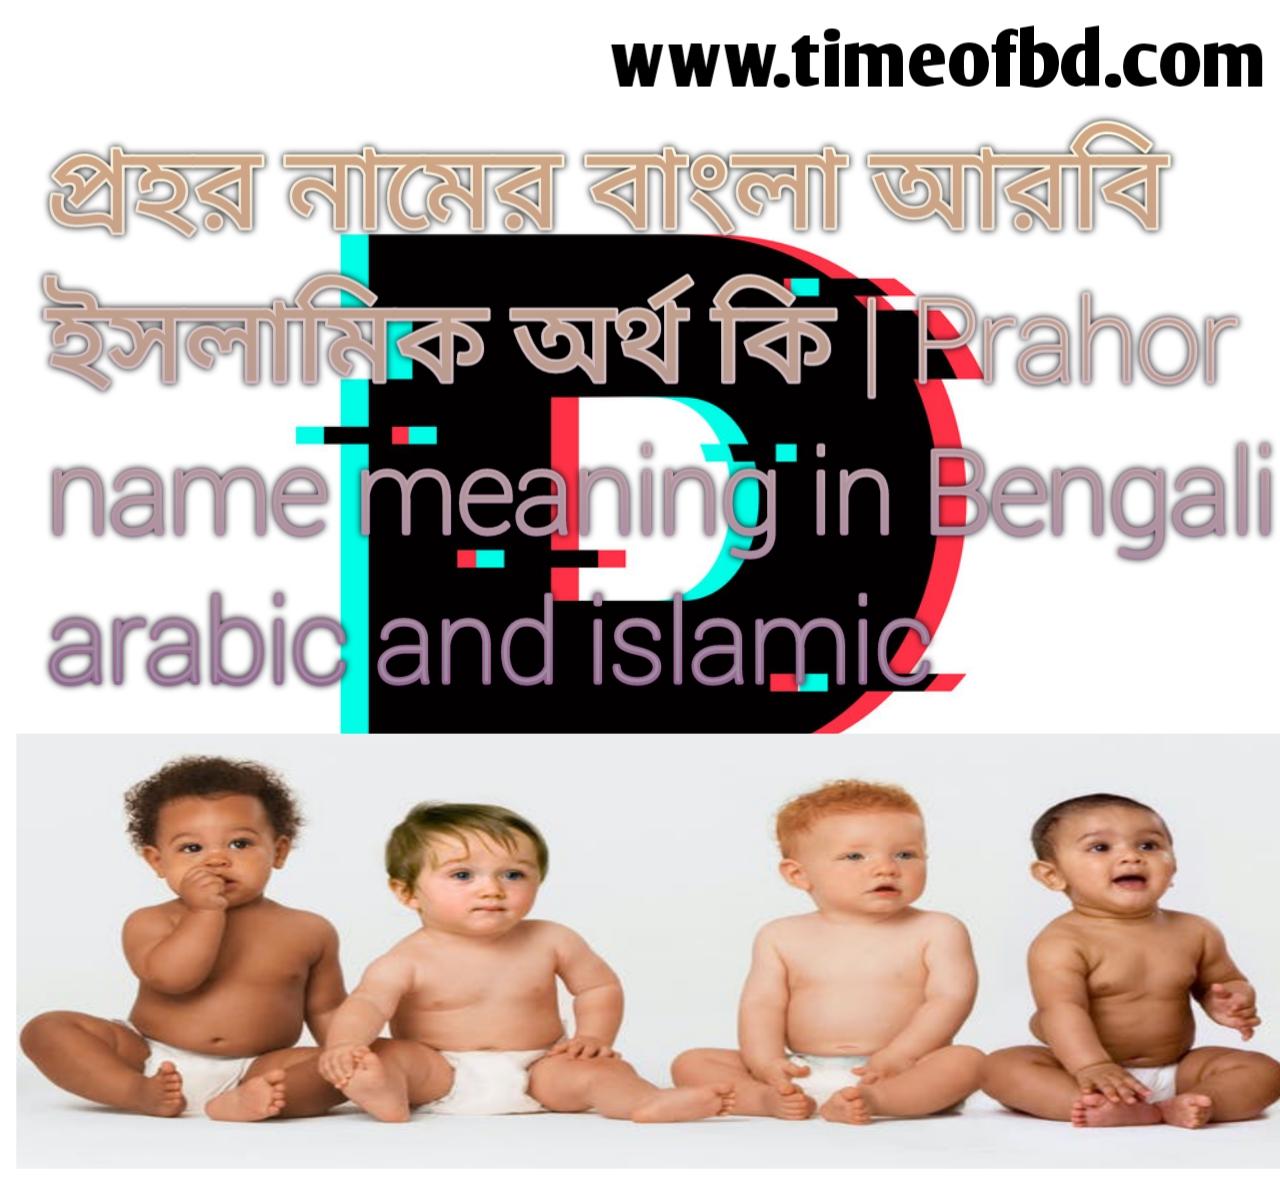 প্রহর নামের অর্থ কি, প্রহর নামের বাংলা অর্থ কি, প্রহর নামের ইসলামিক অর্থ কি, Prahor name meaning in Bengali, প্রহর কি ইসলামিক নাম,